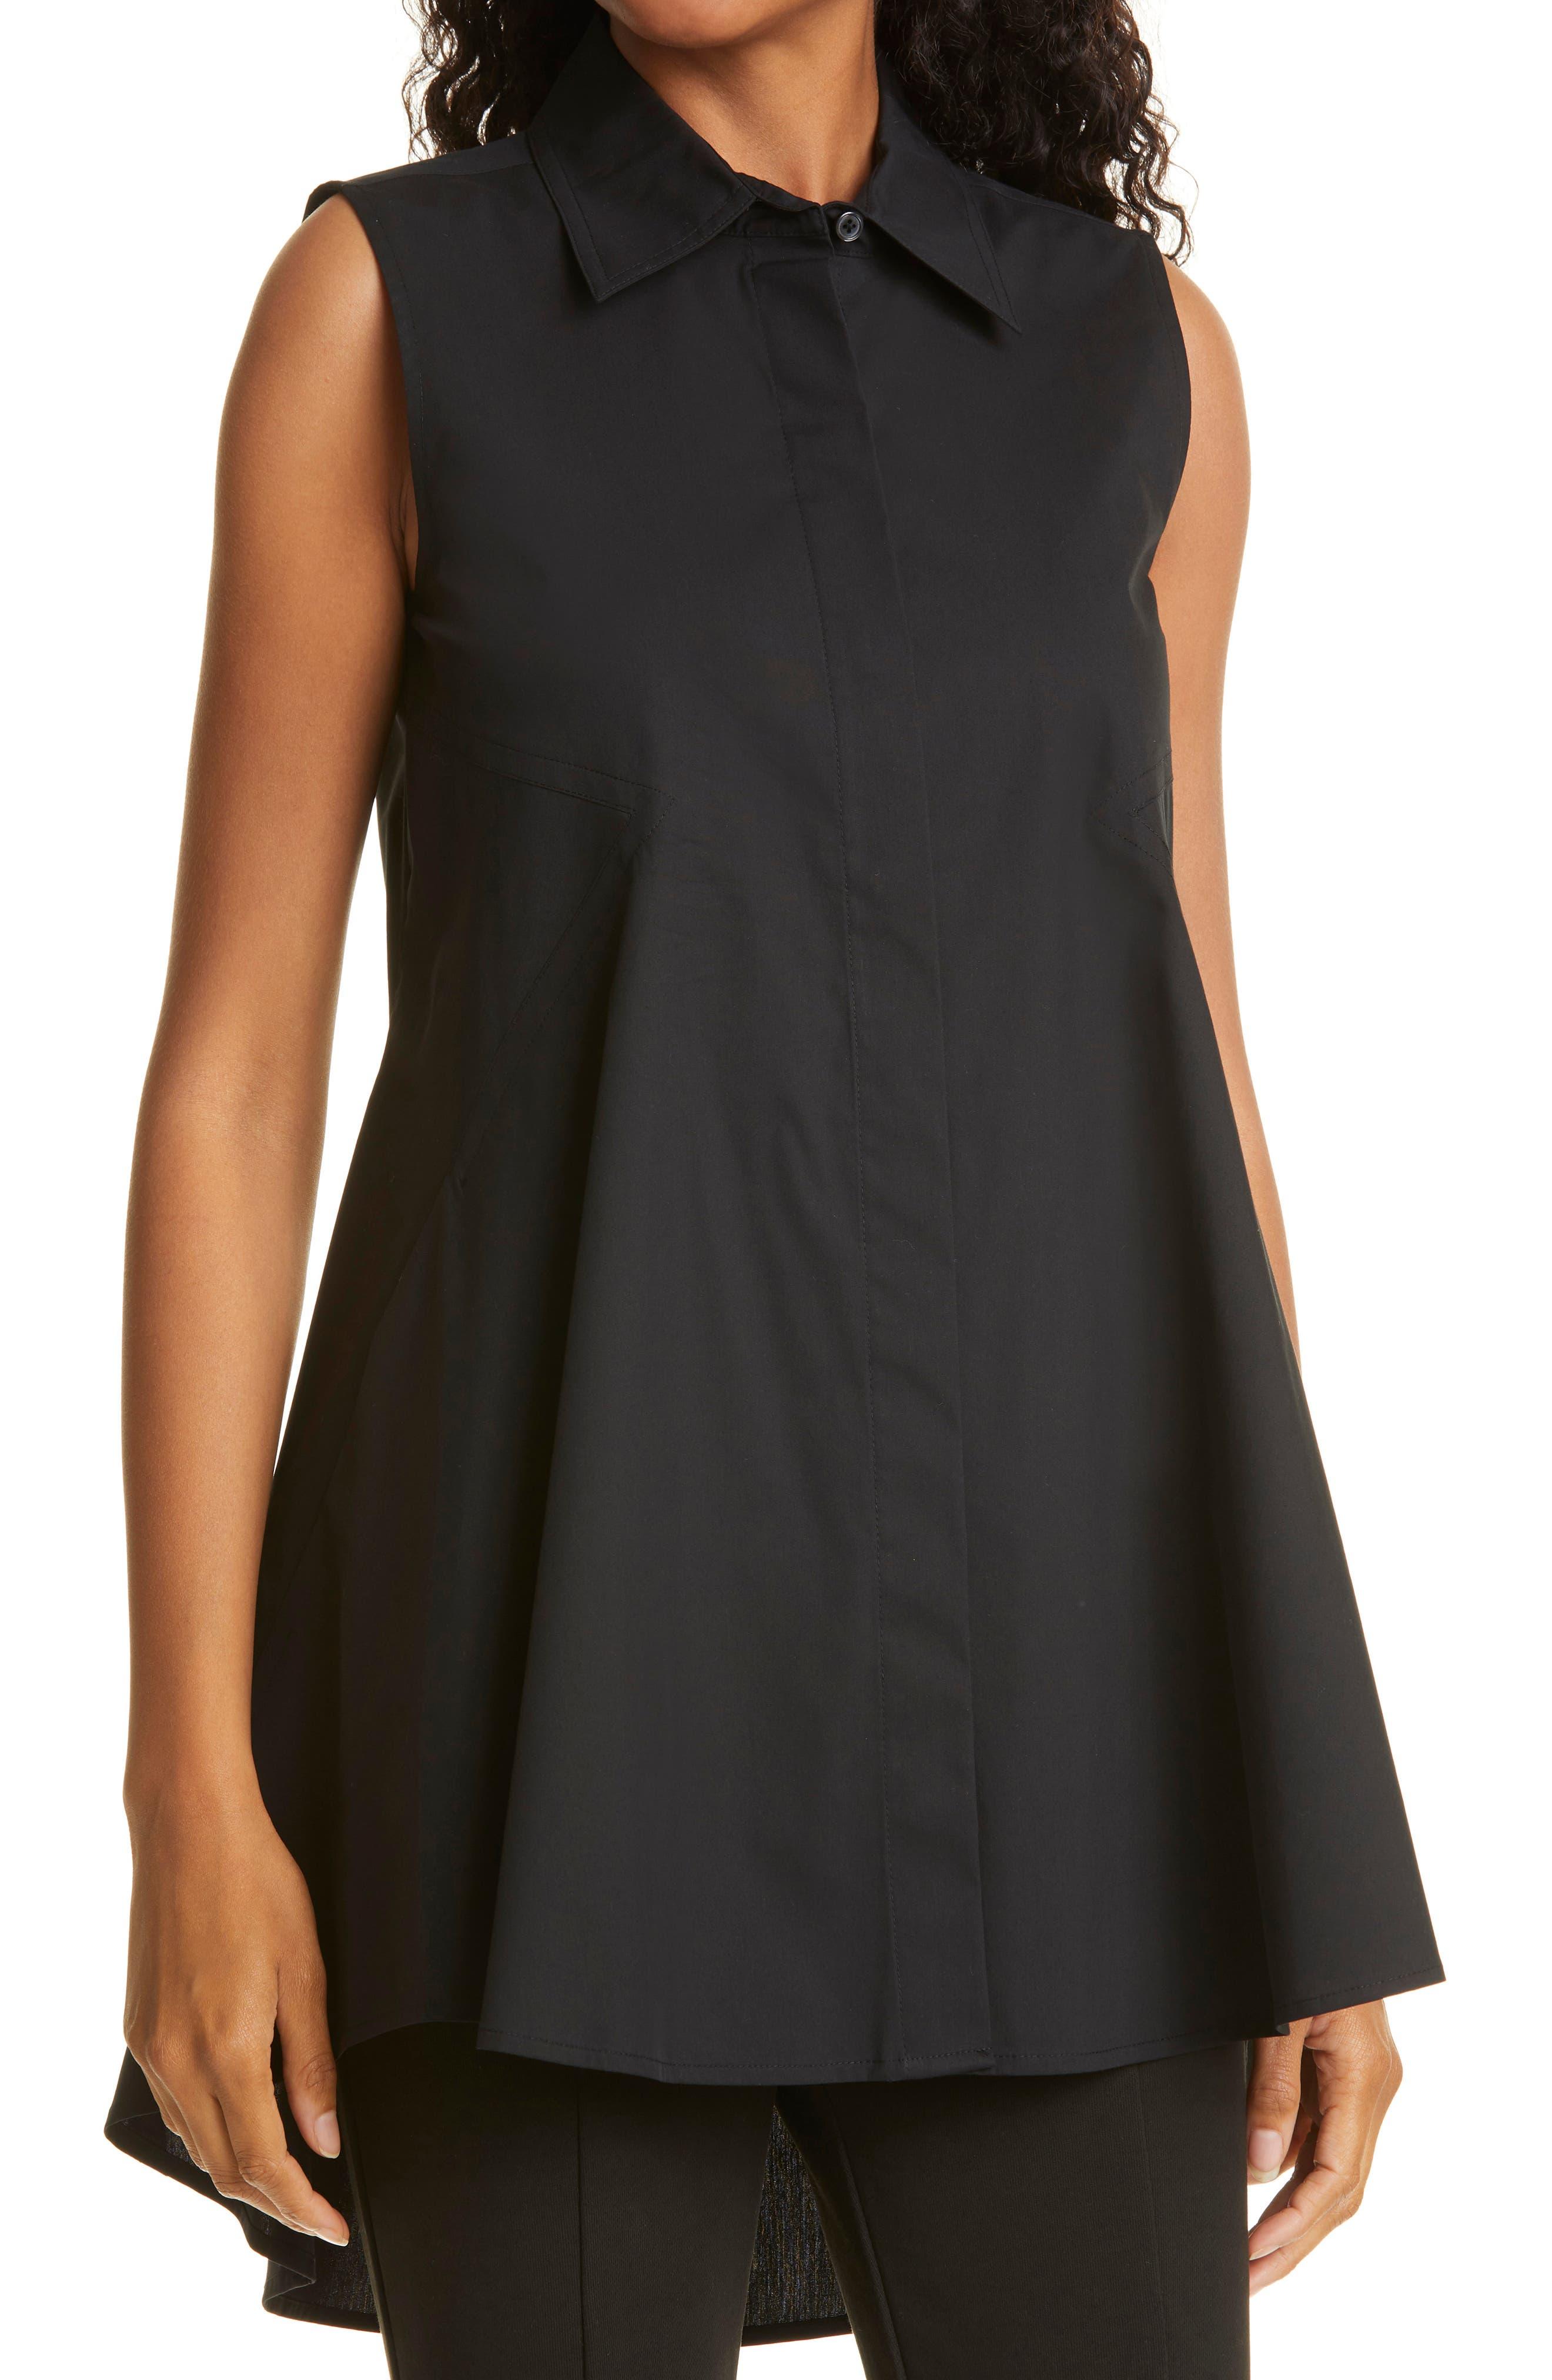 Women's Dkny Signature Sleeveless Tunic